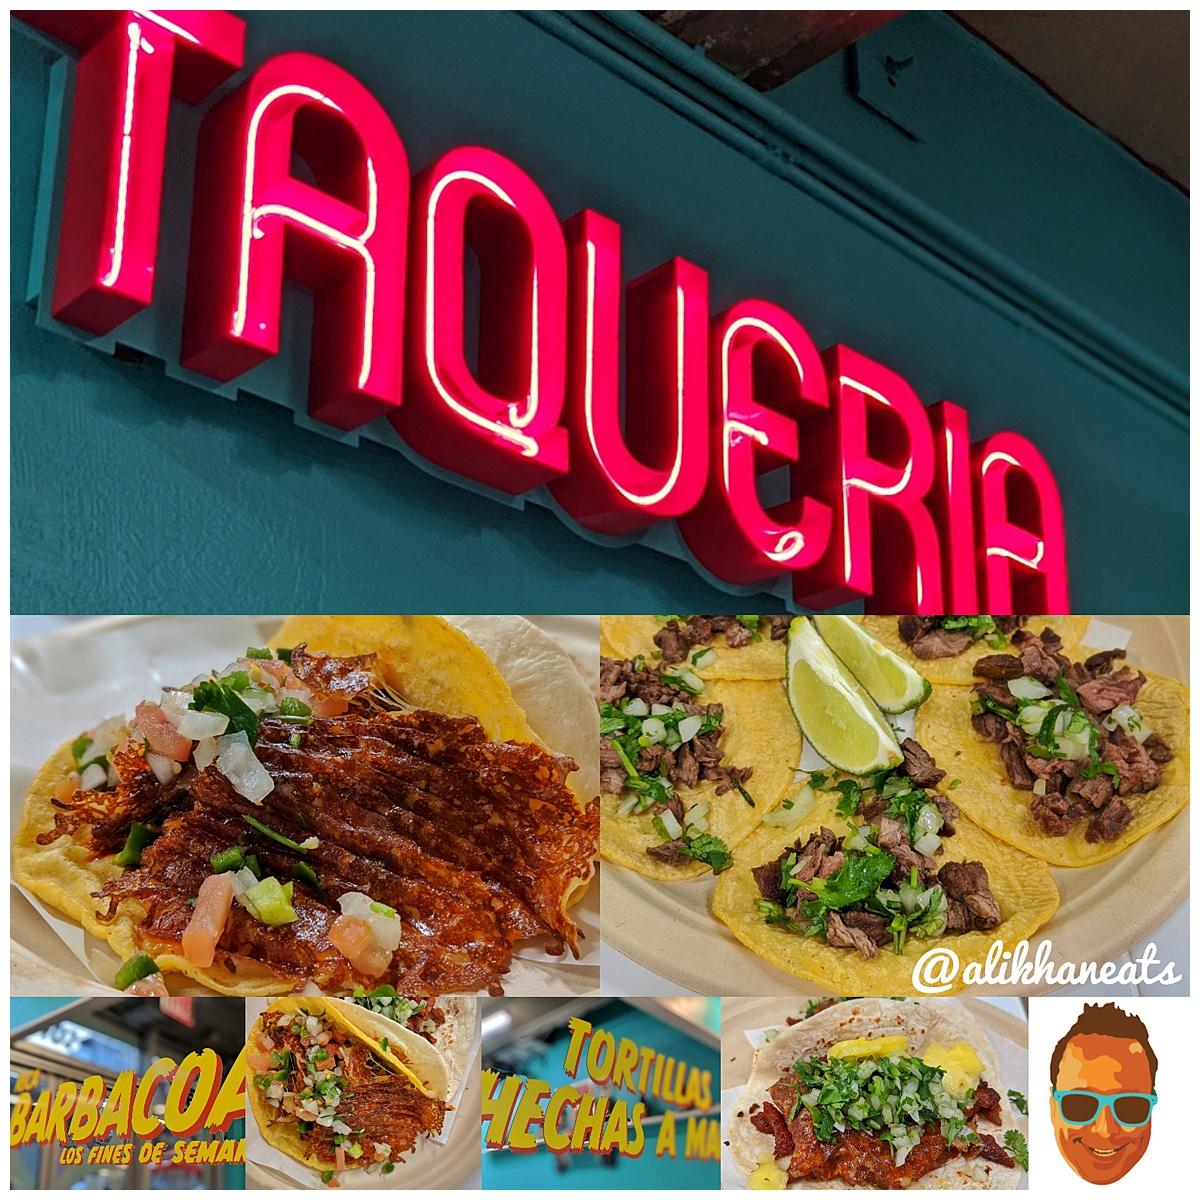 One Taco Taqueria montage